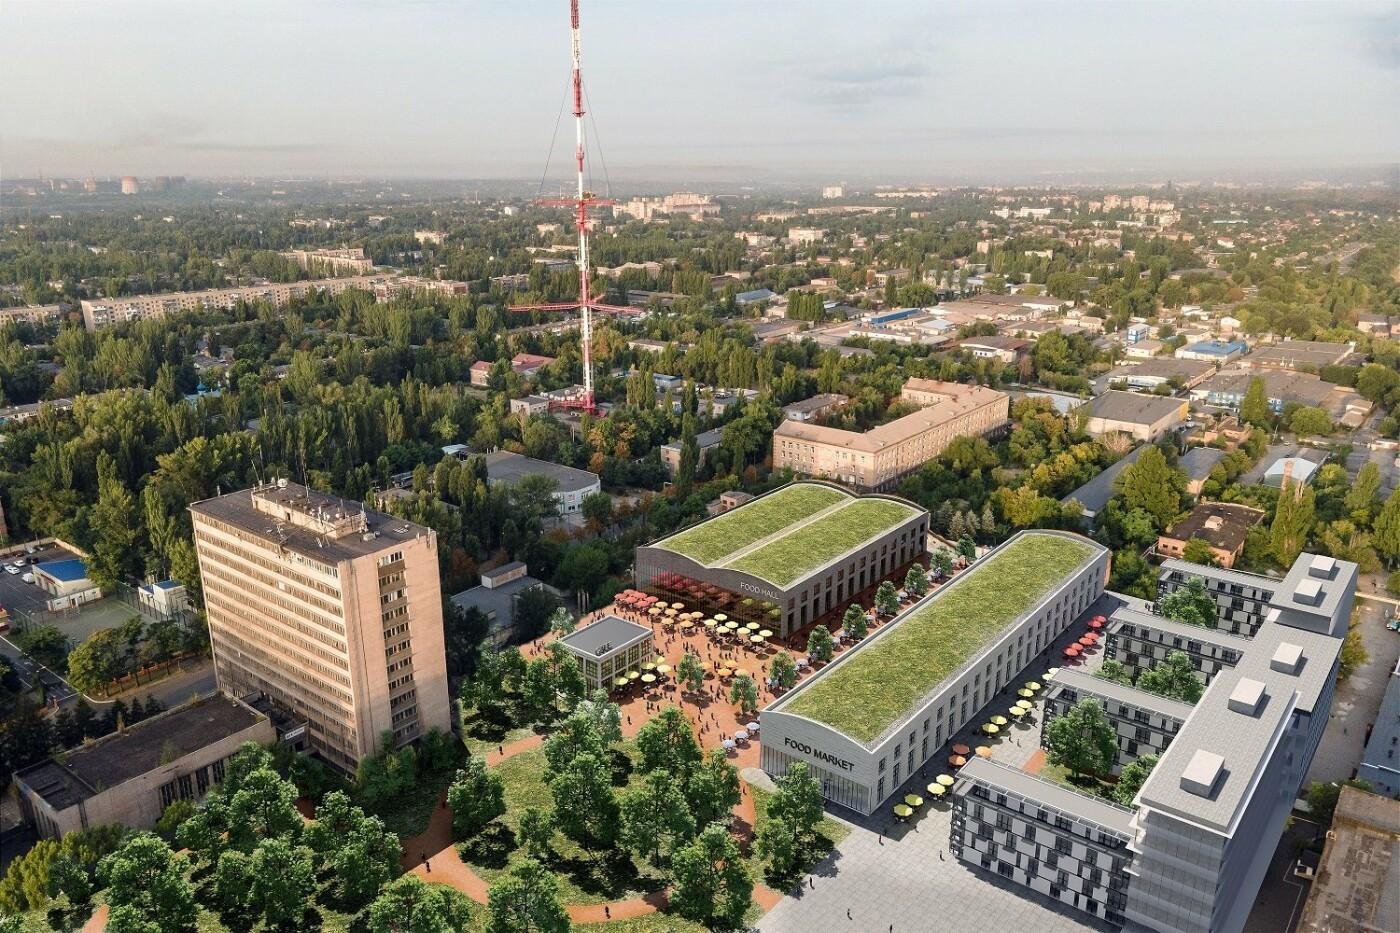 Проєкти Народної програми Дмитра Шевчика: інноваційний парк KR_Tech_City, фото-1